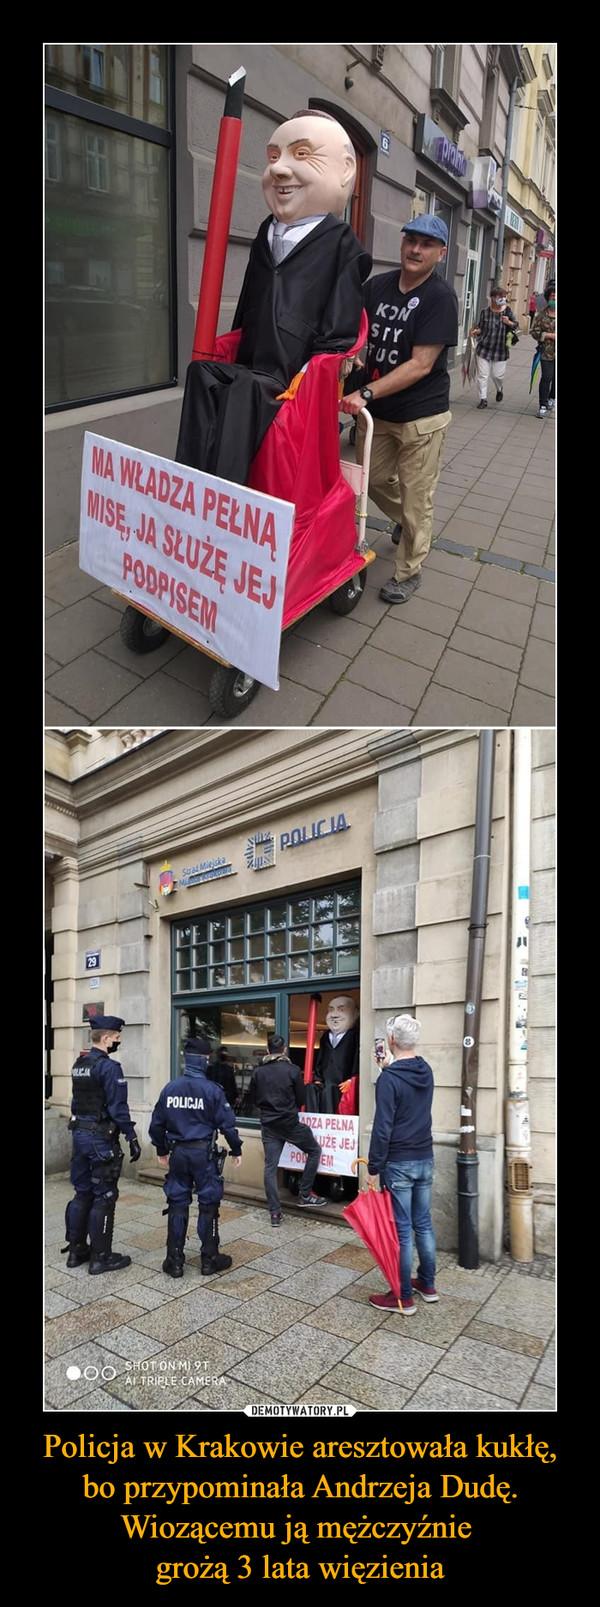 Policja w Krakowie aresztowała kukłę, bo przypominała Andrzeja Dudę. Wiozącemu ją mężczyźnie grożą 3 lata więzienia –